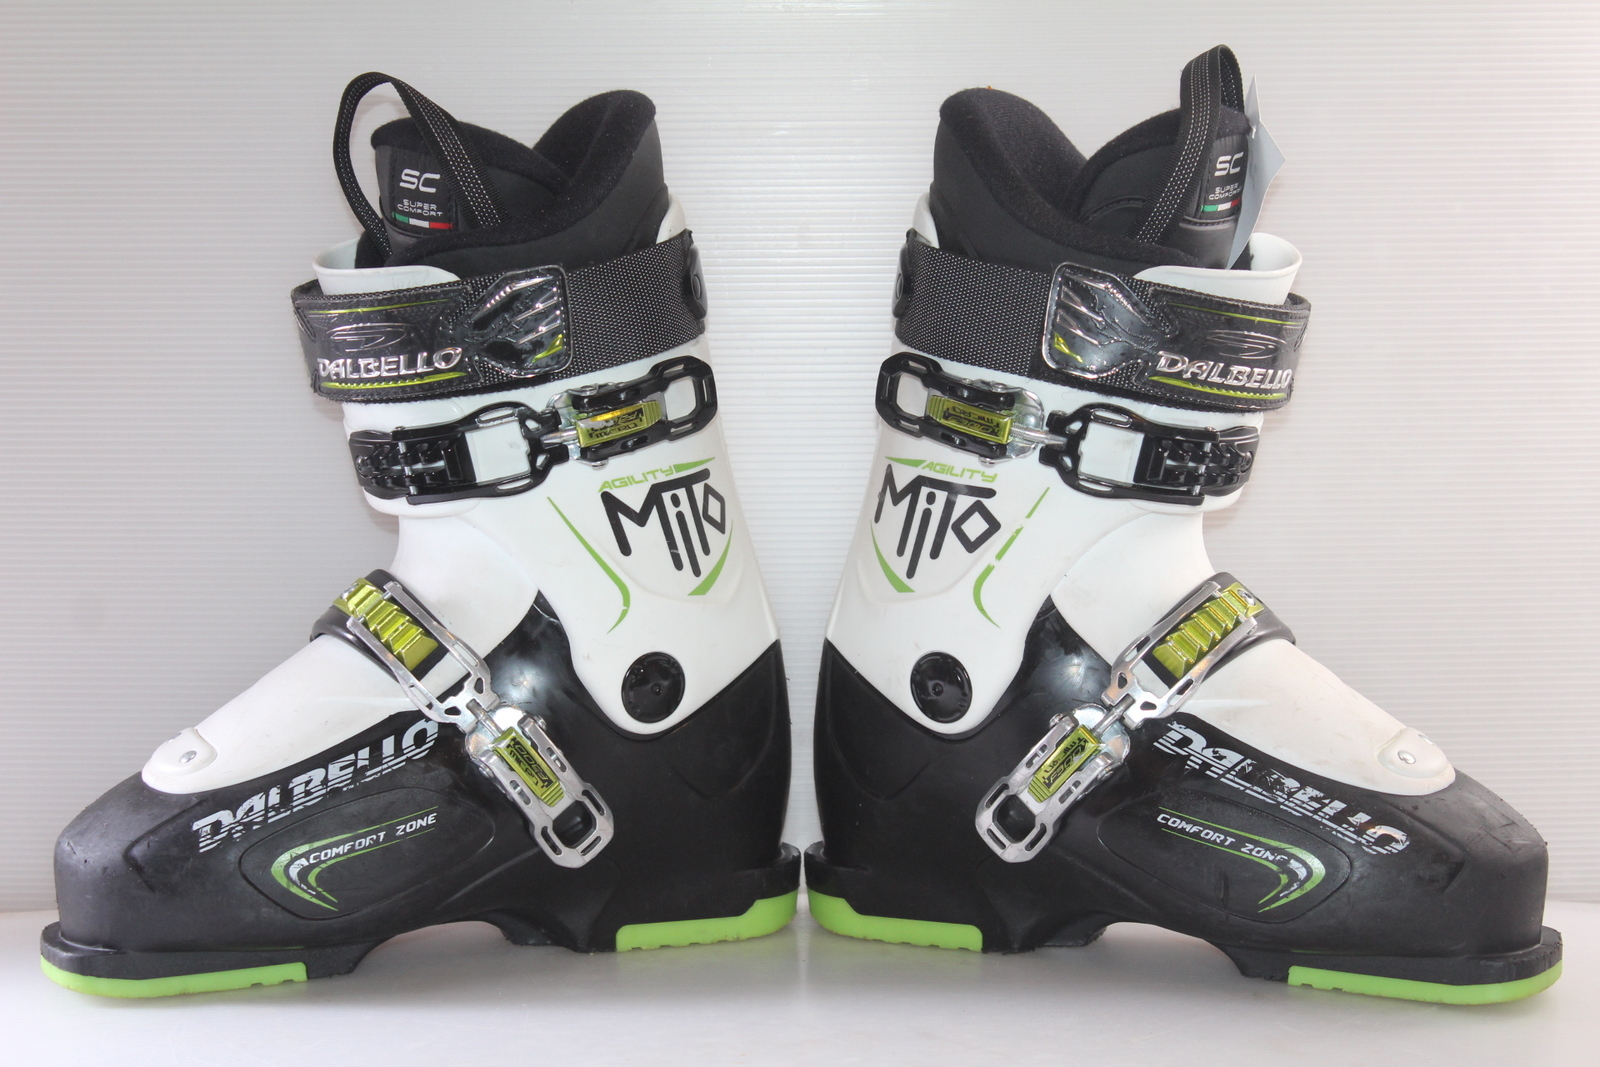 Lyžařské boty Dalbello Agility Mito vel. EU41 flexe 70